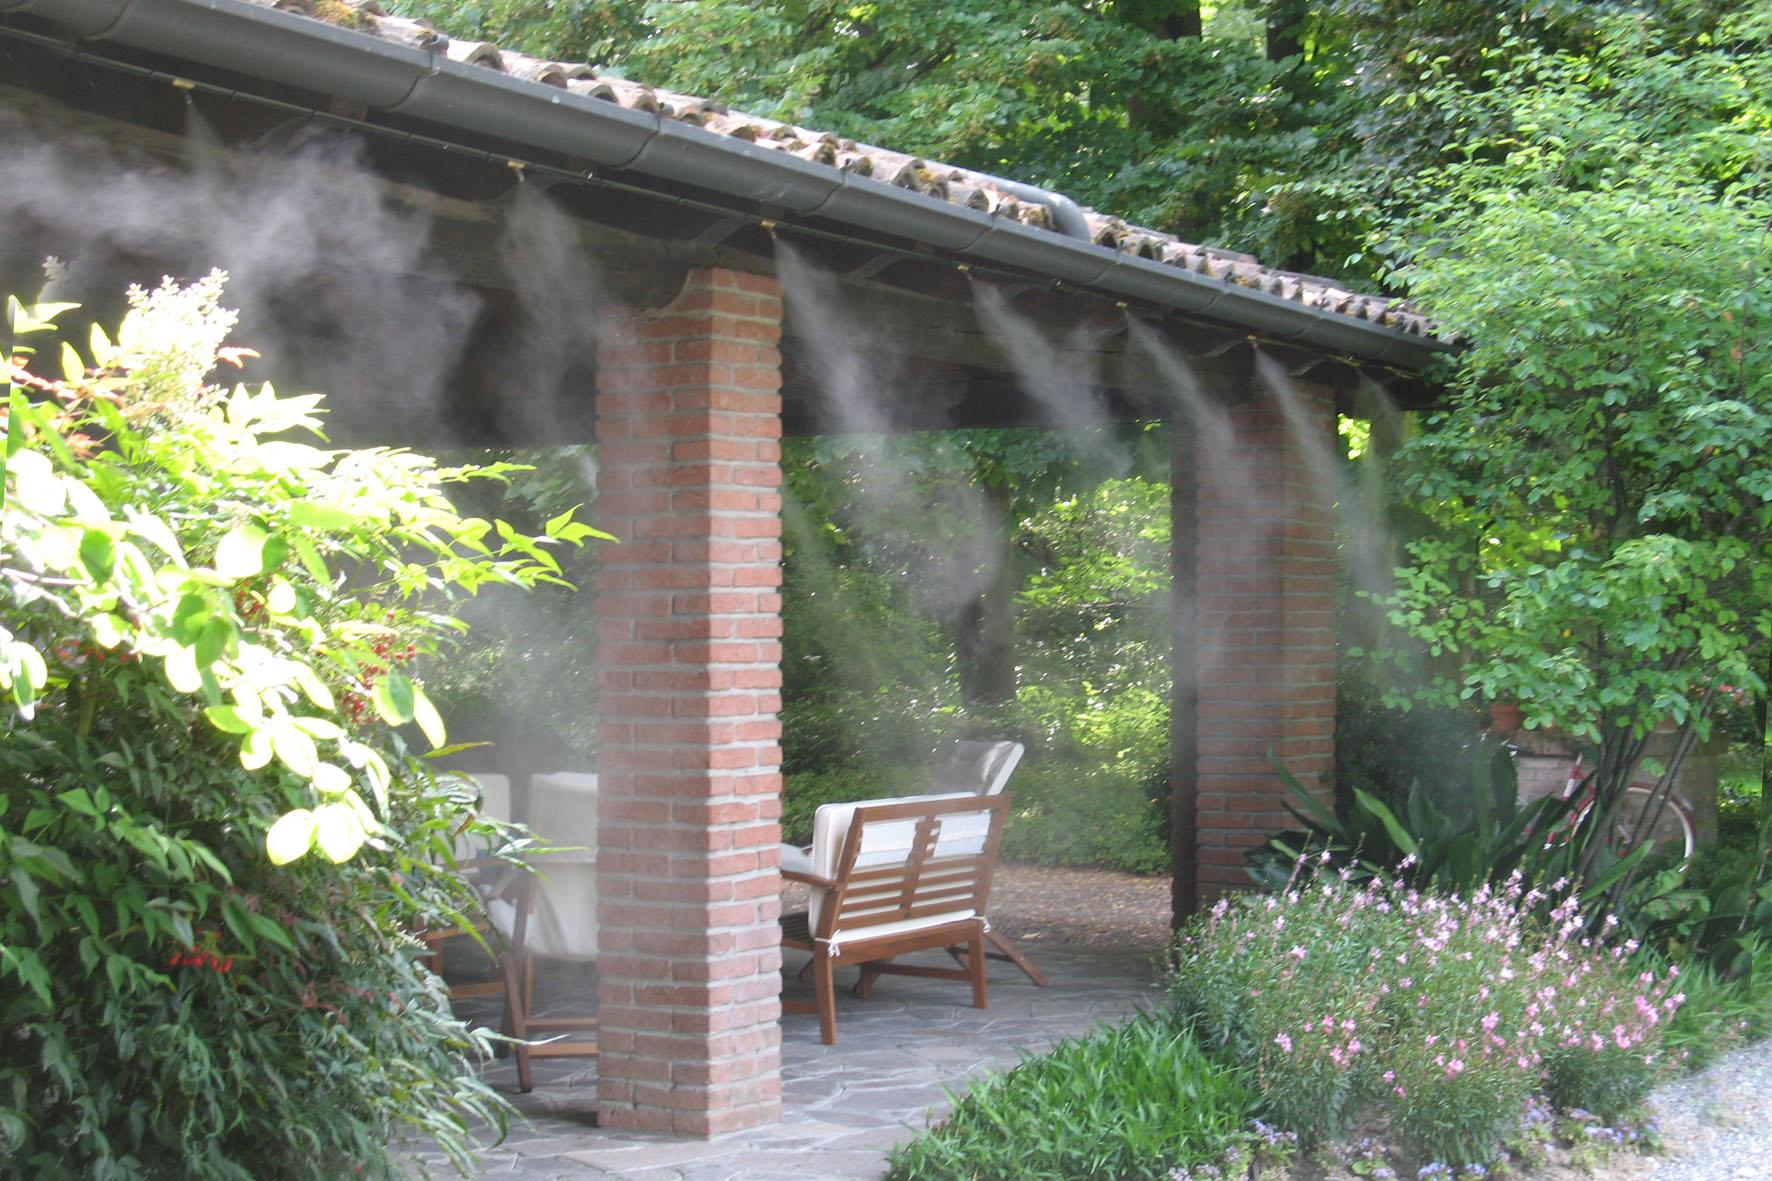 hlađenje terasa restorana i kafića